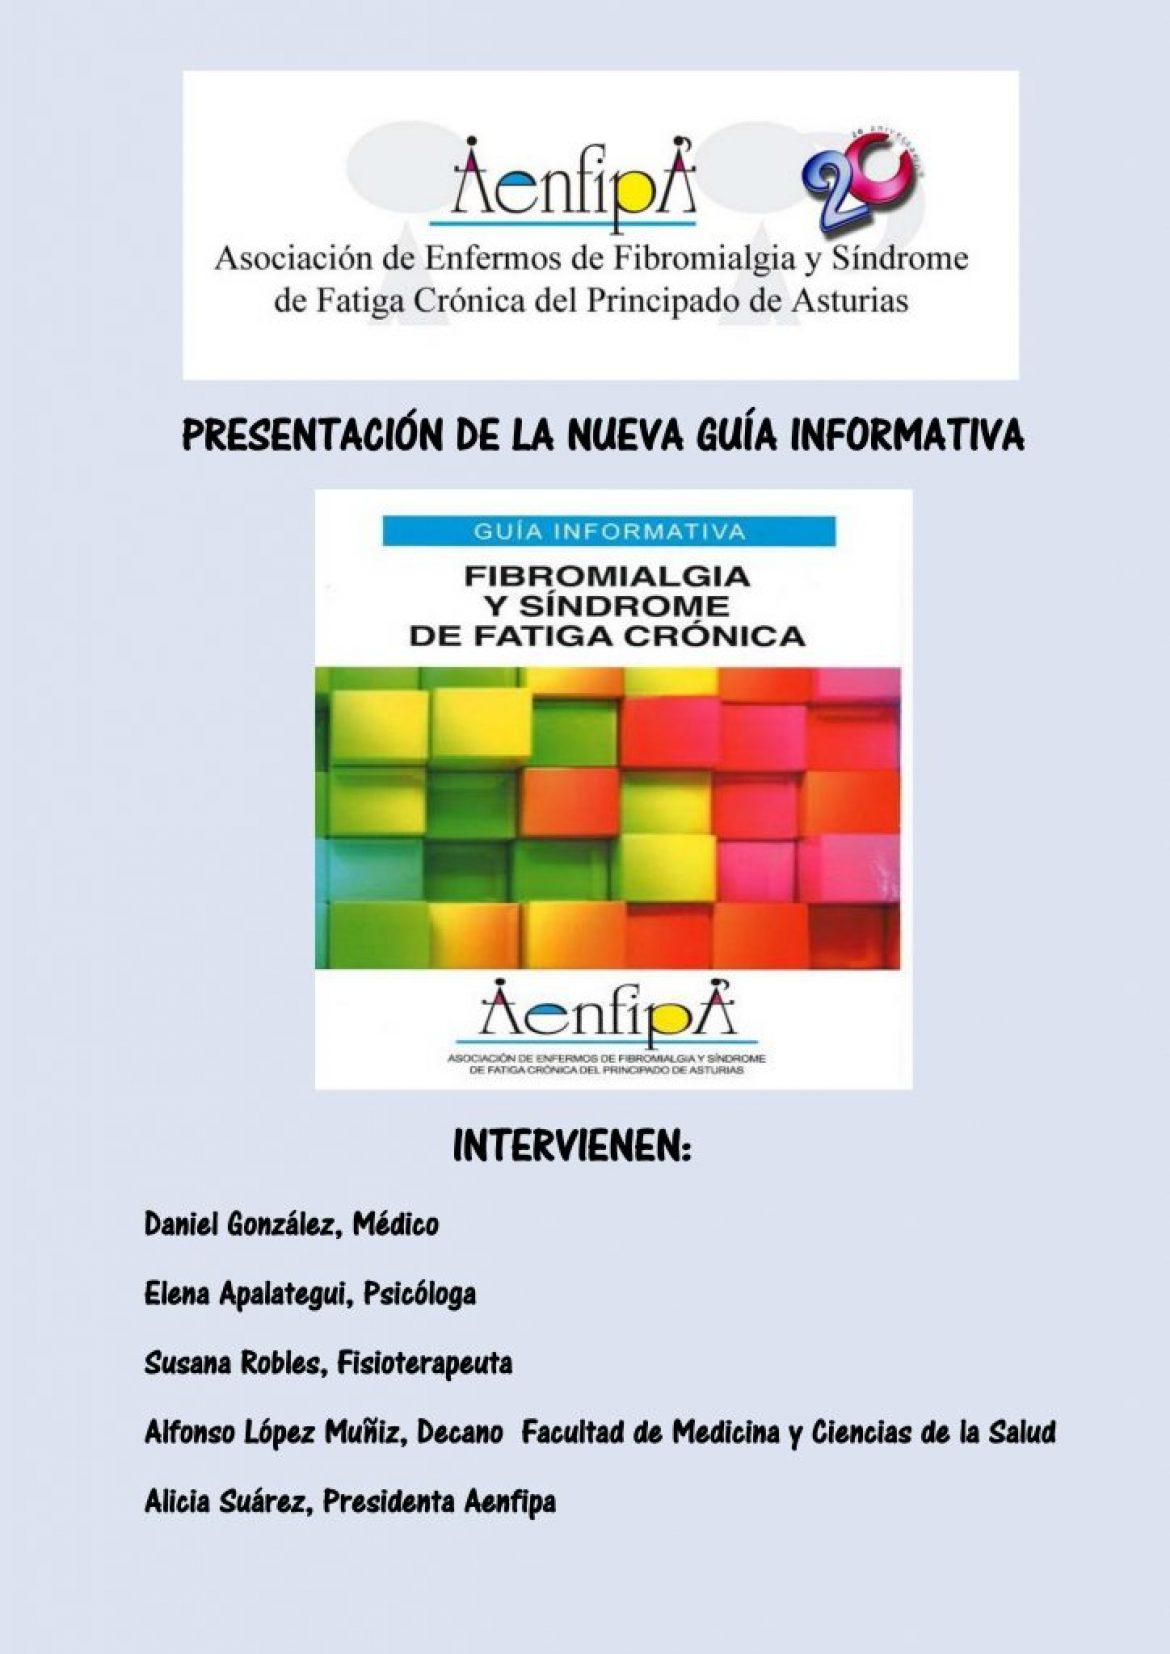 Presentación de la Nueva guía Informativa